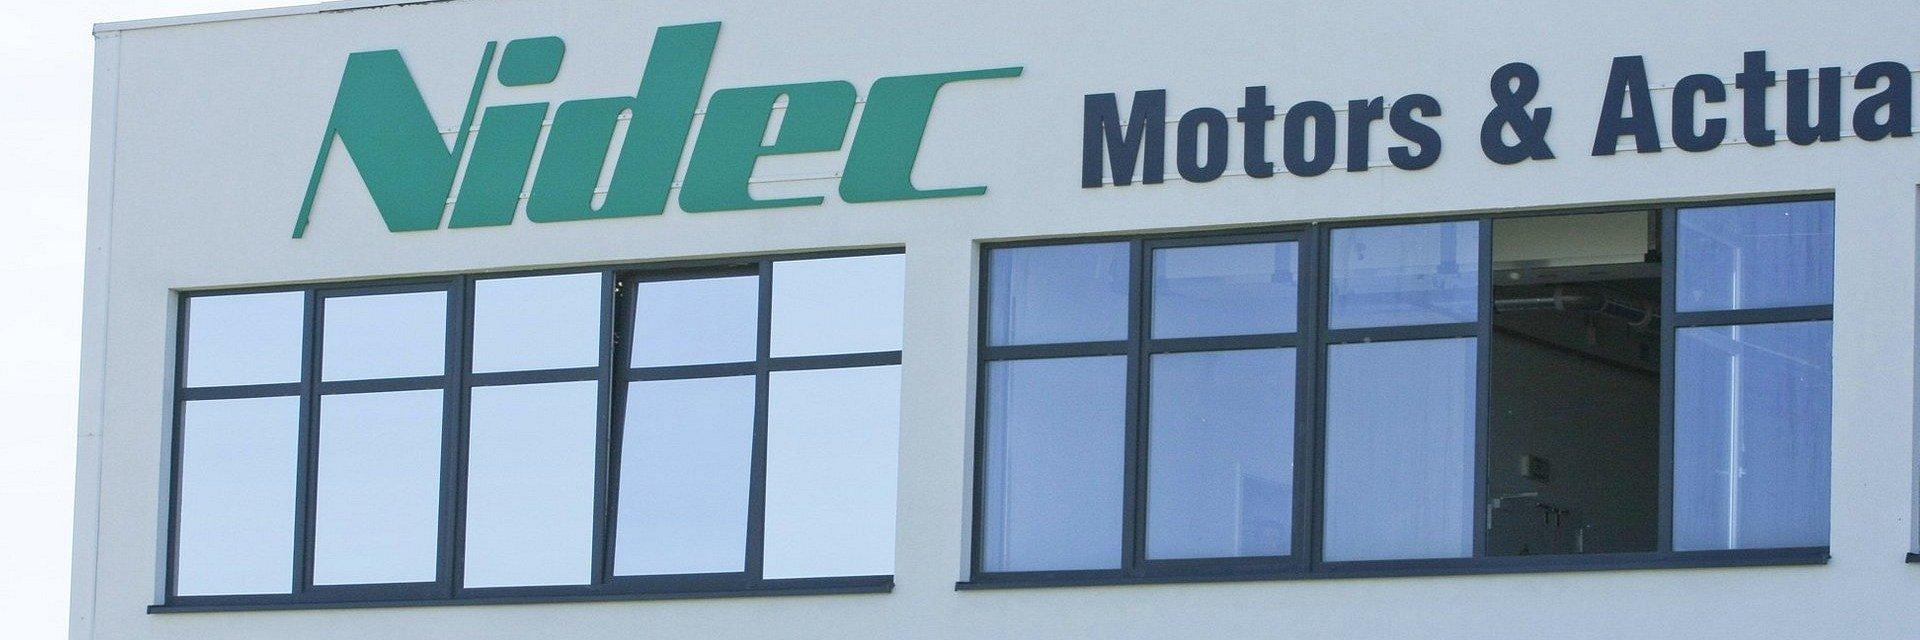 Nidec Motors & Actuators develops presence in Małopolska